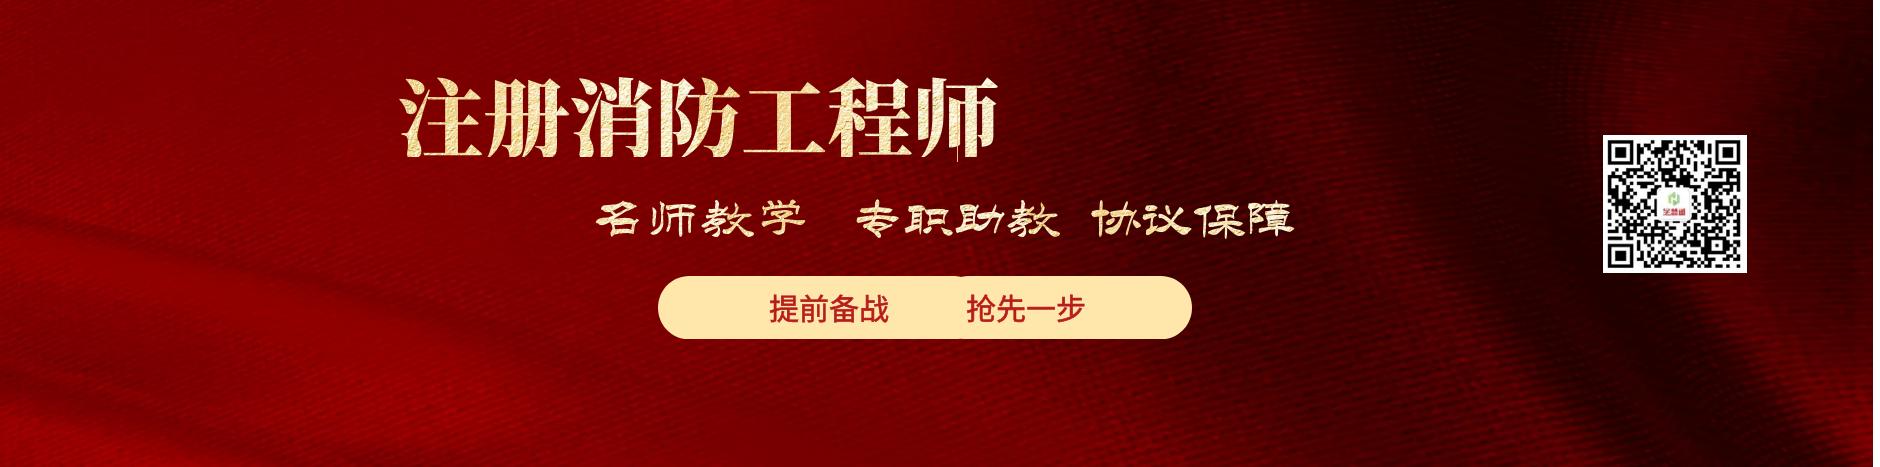 网站banner3